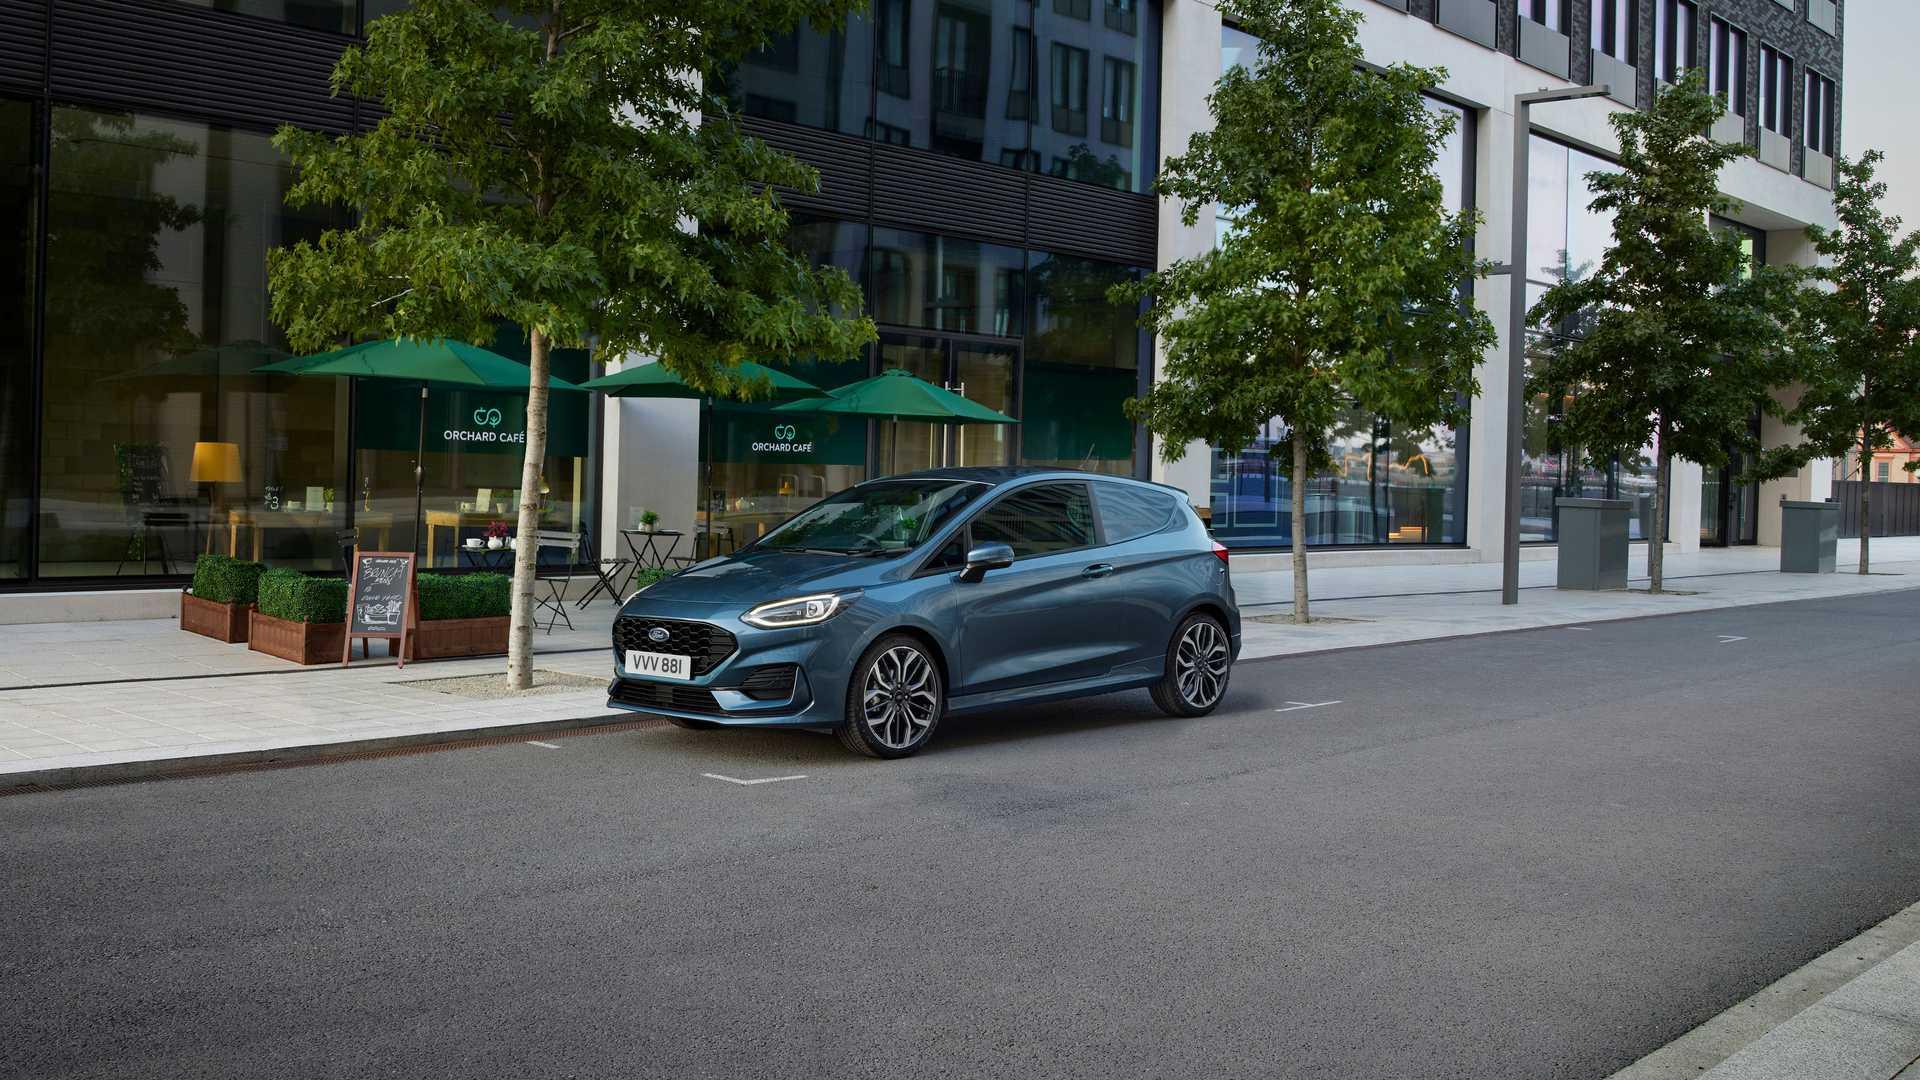 2022-ford-fiesta-van-facelift-2.jpg